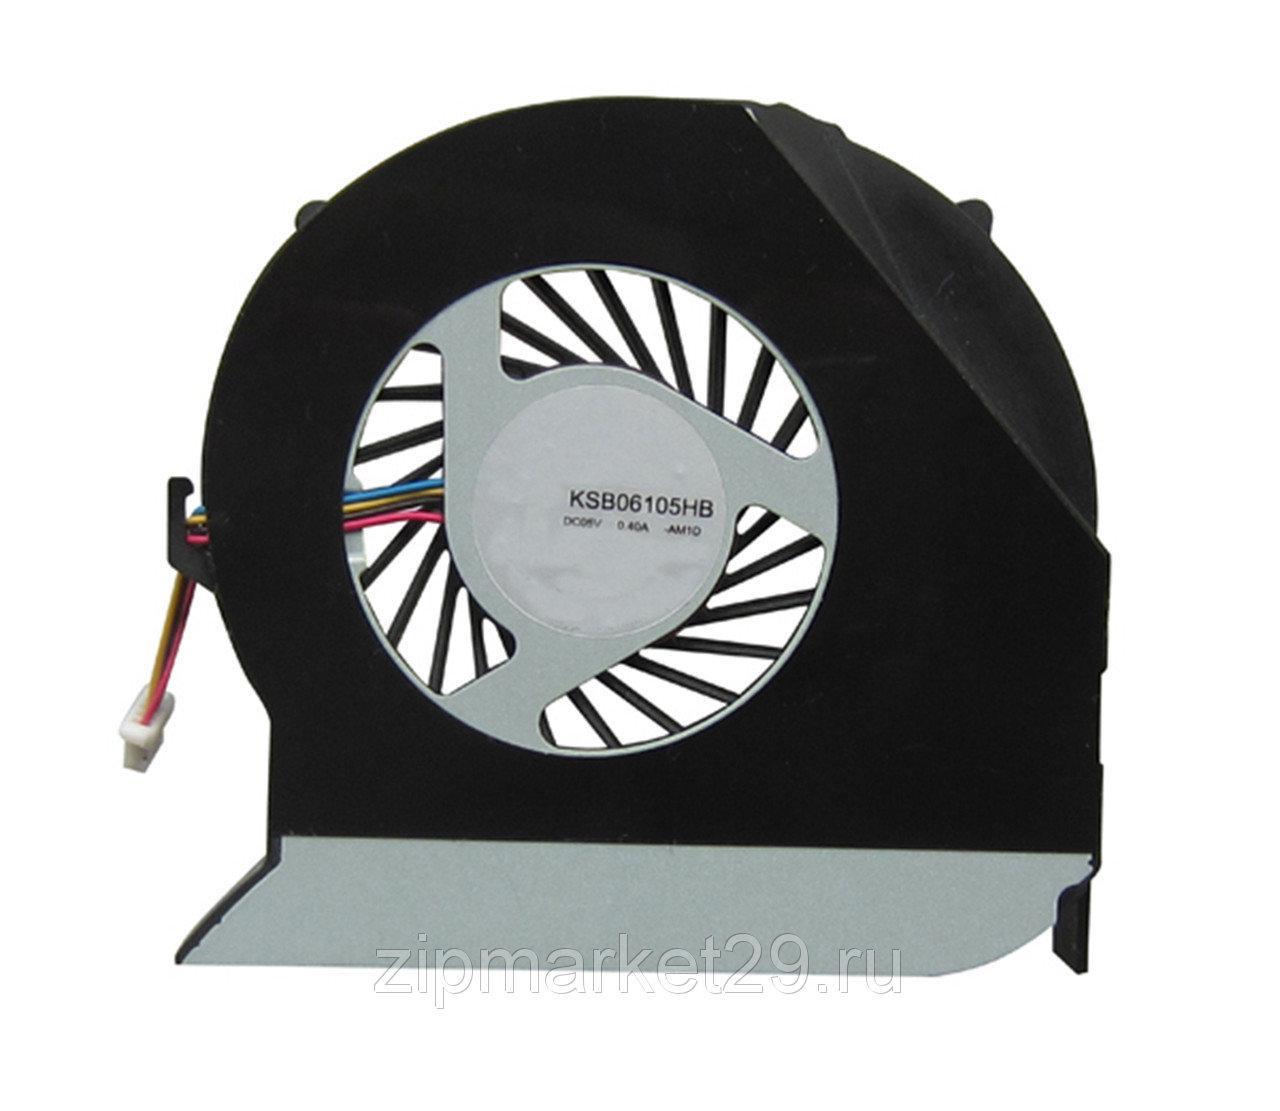 Вентилятор для ноутбука Acer Aspire 4560